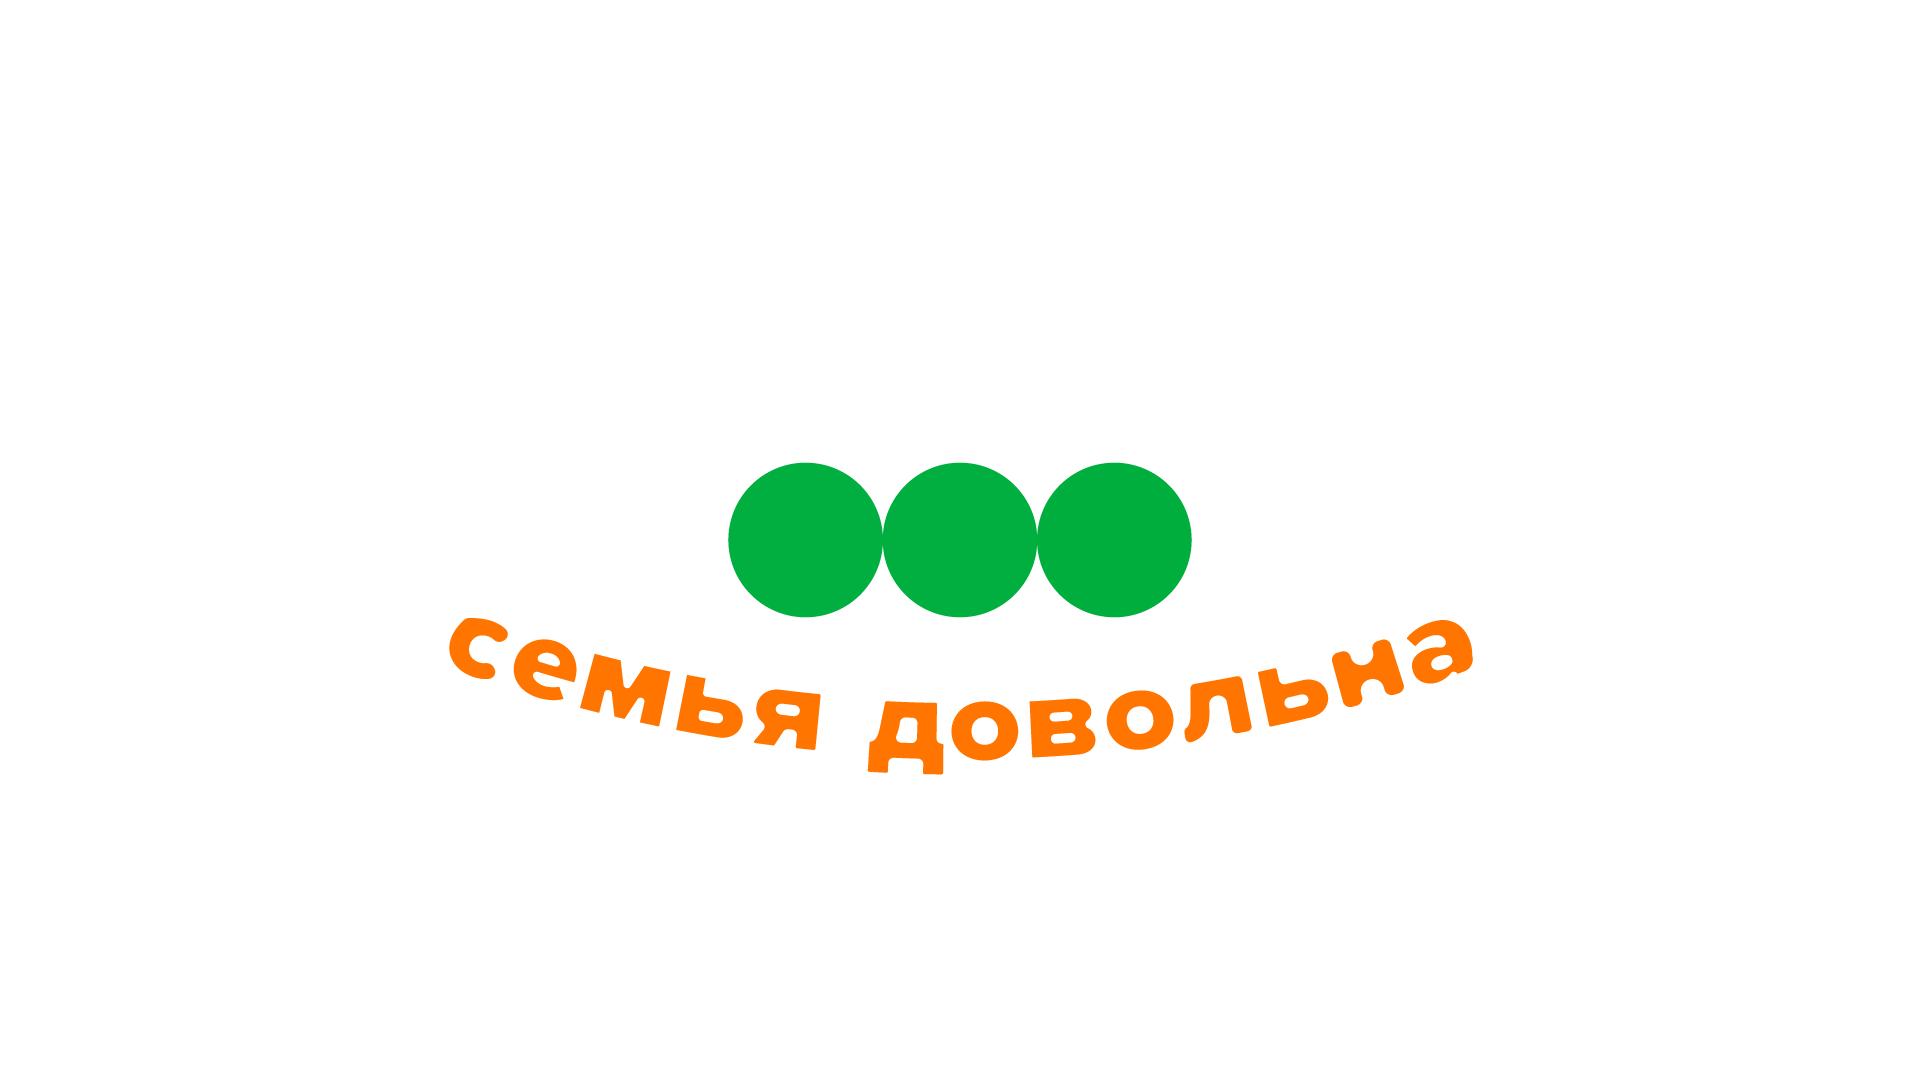 """Разработайте логотип для торговой марки """"Семья довольна"""" фото f_6575ba88ff6aaffd.png"""